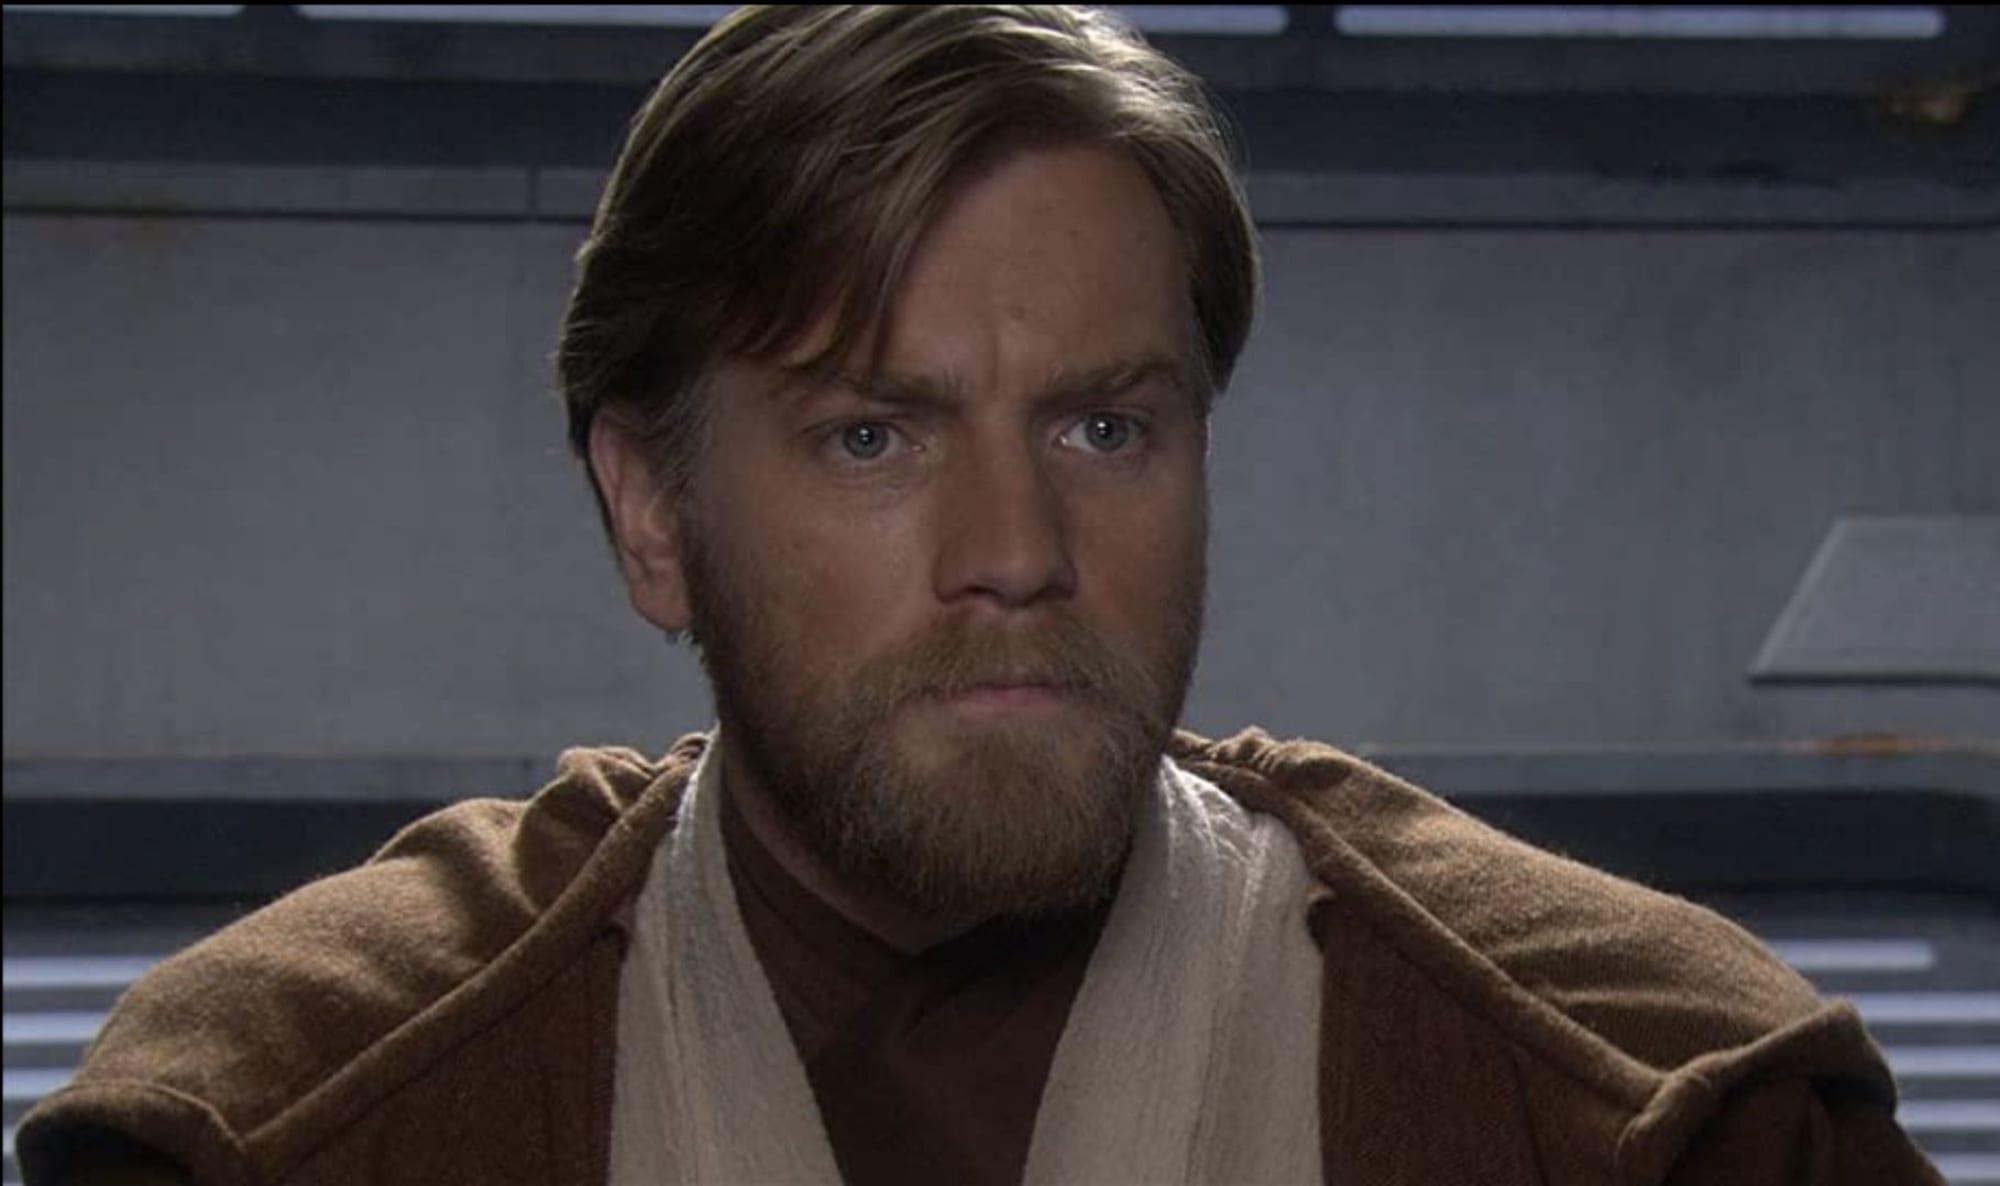 Star Wars 6 Important Topics The Obi Wan Series Needs To Address